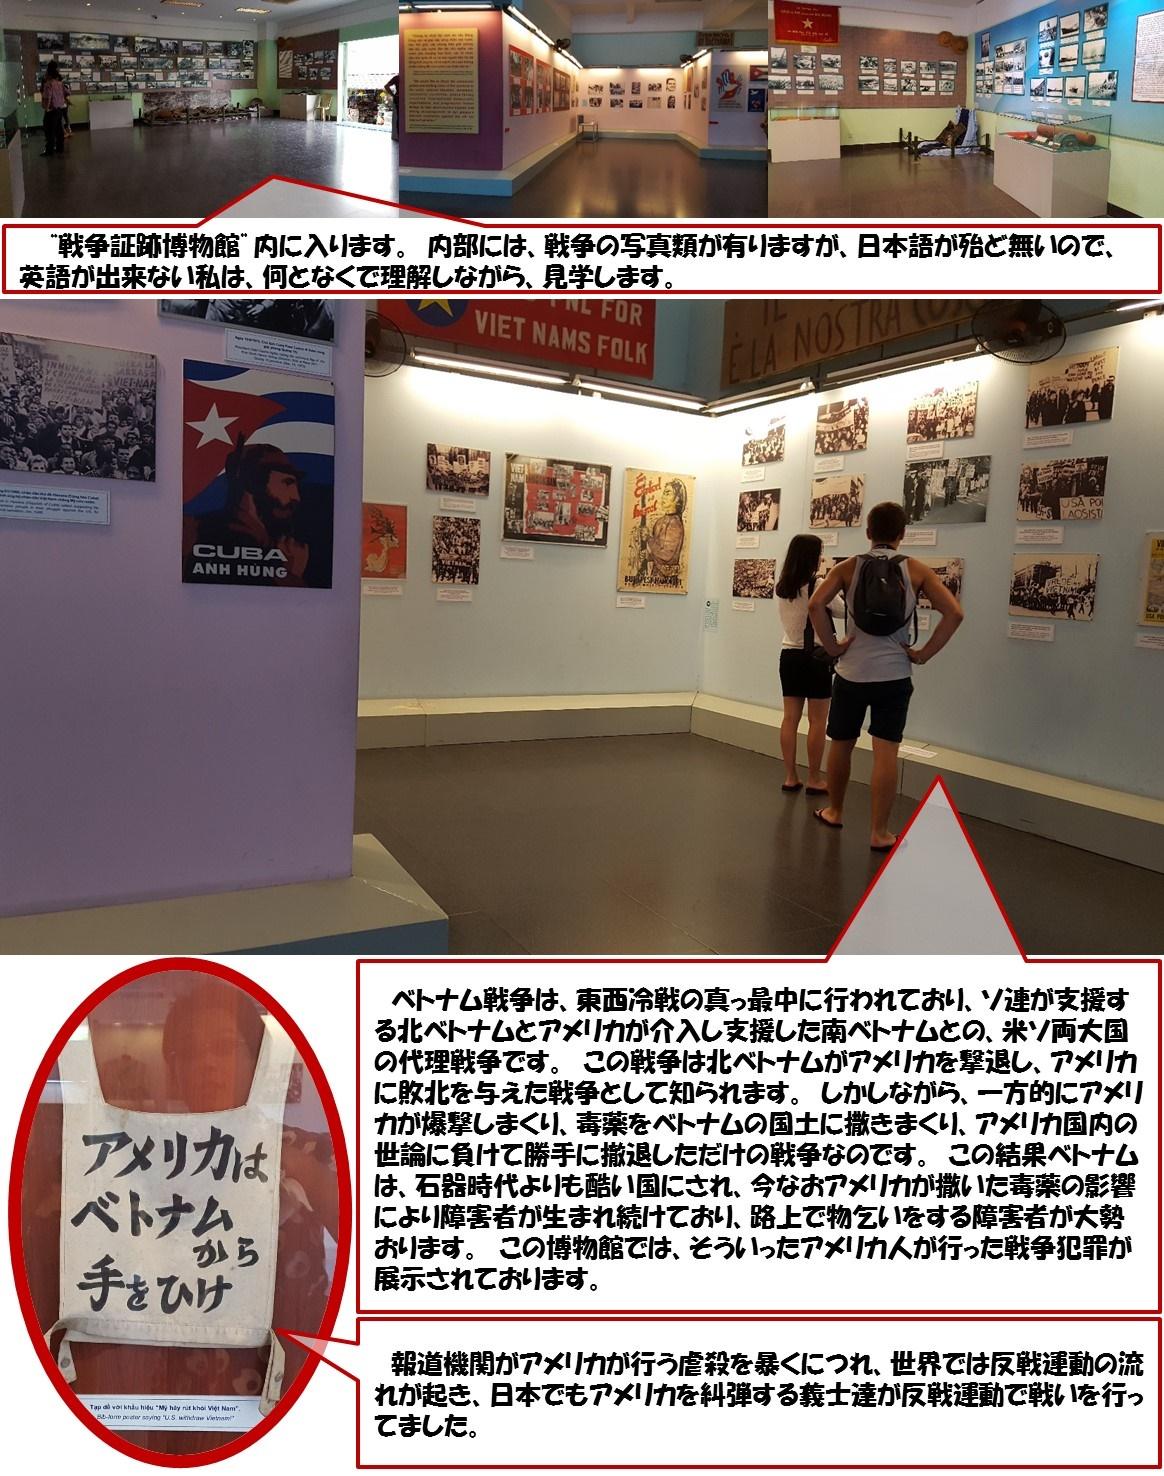 """""""戦争証跡博物館""""内に入ります。 内部には、戦争の写真類が有りますが、日本語が殆ど無いので、英語が出来ない私は、何となくで理解しながら、見学します。  報道機関がアメリカが行う虐殺を暴くにつれ、世界では反戦運動の流れが起き、日本でもアメリカを糾弾する義士達が反戦運動で戦いを行ってました。  ベトナム戦争は、東西冷戦の真っ最中に行われており、ソ連が支援する北ベトナムとアメリカが介入し支援した南ベトナムとの、米ソ両大国の代理戦争です。 この戦争は北ベトナムがアメリカを撃退し、アメリカに敗北を与えた戦争として知られます。 しかしながら、一方的にアメリカが爆撃しまくり、毒薬をベトナムの国土に撒きまくり、アメリカ国内の世論に負けて勝手に撤退しただけの戦争なのです。 この結果ベトナムは、石器時代よりも酷い国にされ、今なおアメリカが撒いた毒薬の影響により障害者が生まれ続けており、路上で物乞いをする障害者が大勢おります。 この博物館では、そういったアメリカ人が行った戦争犯罪が展示されております。"""